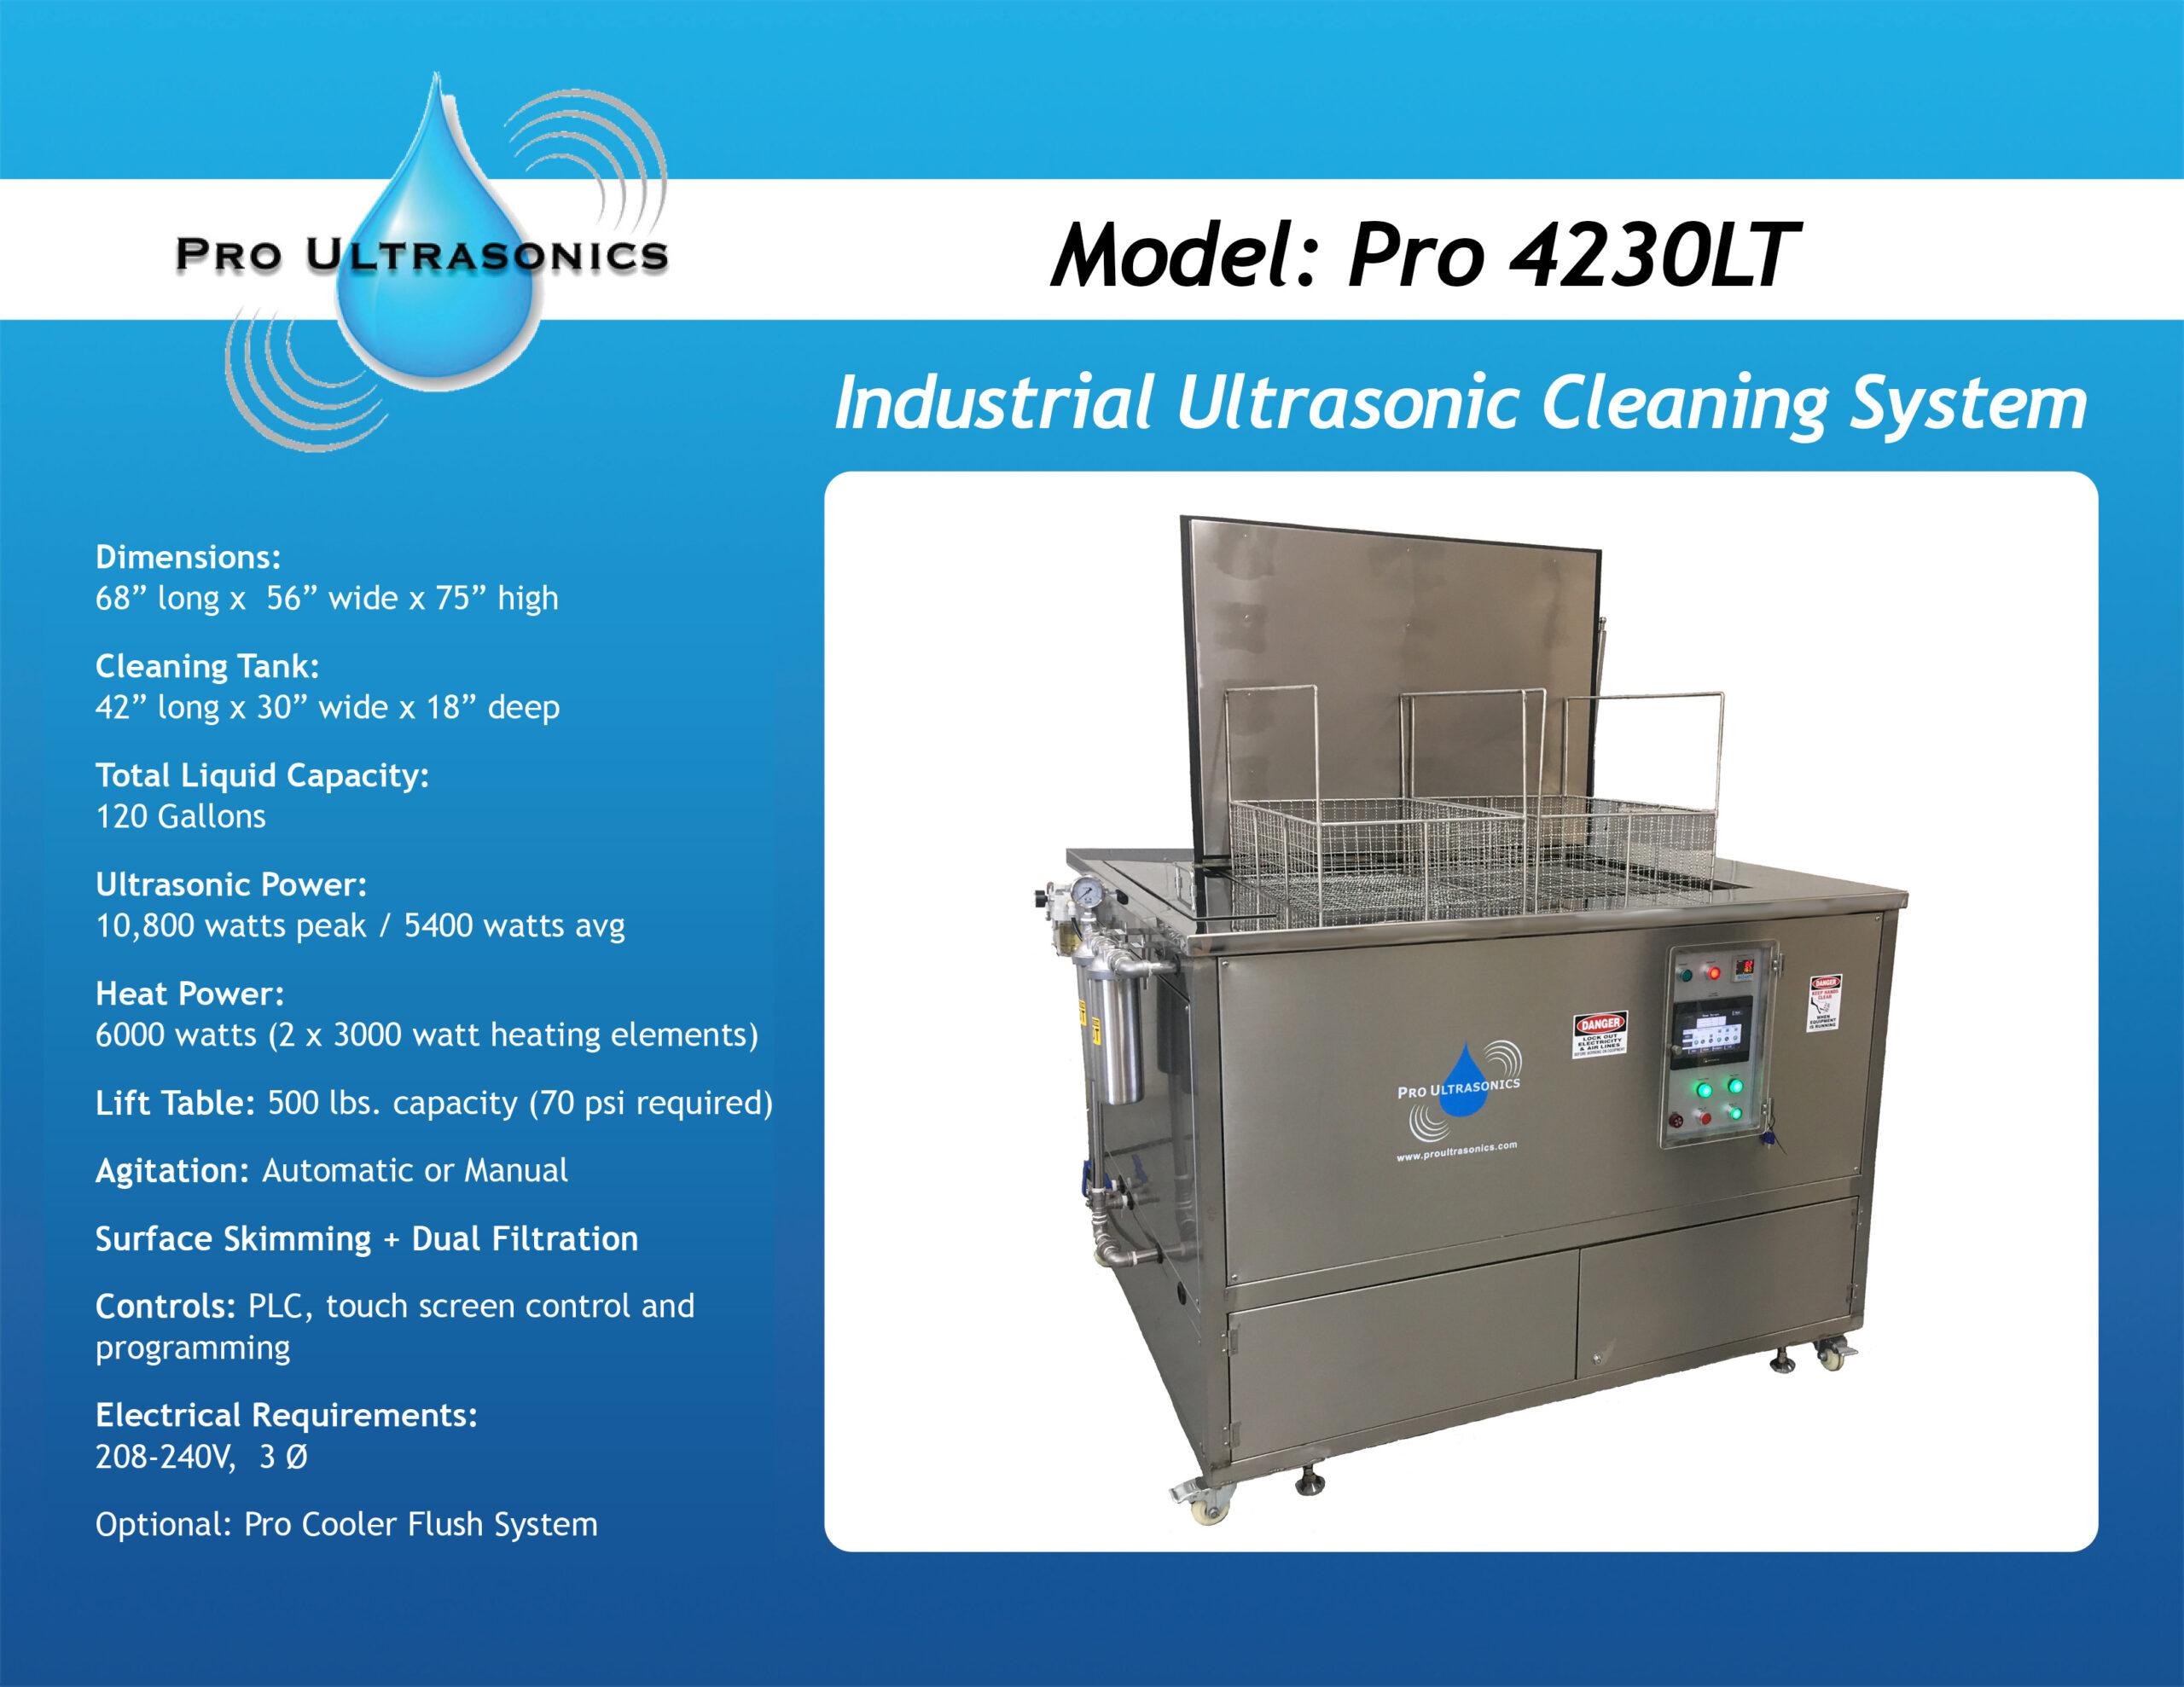 Pro 4230LT